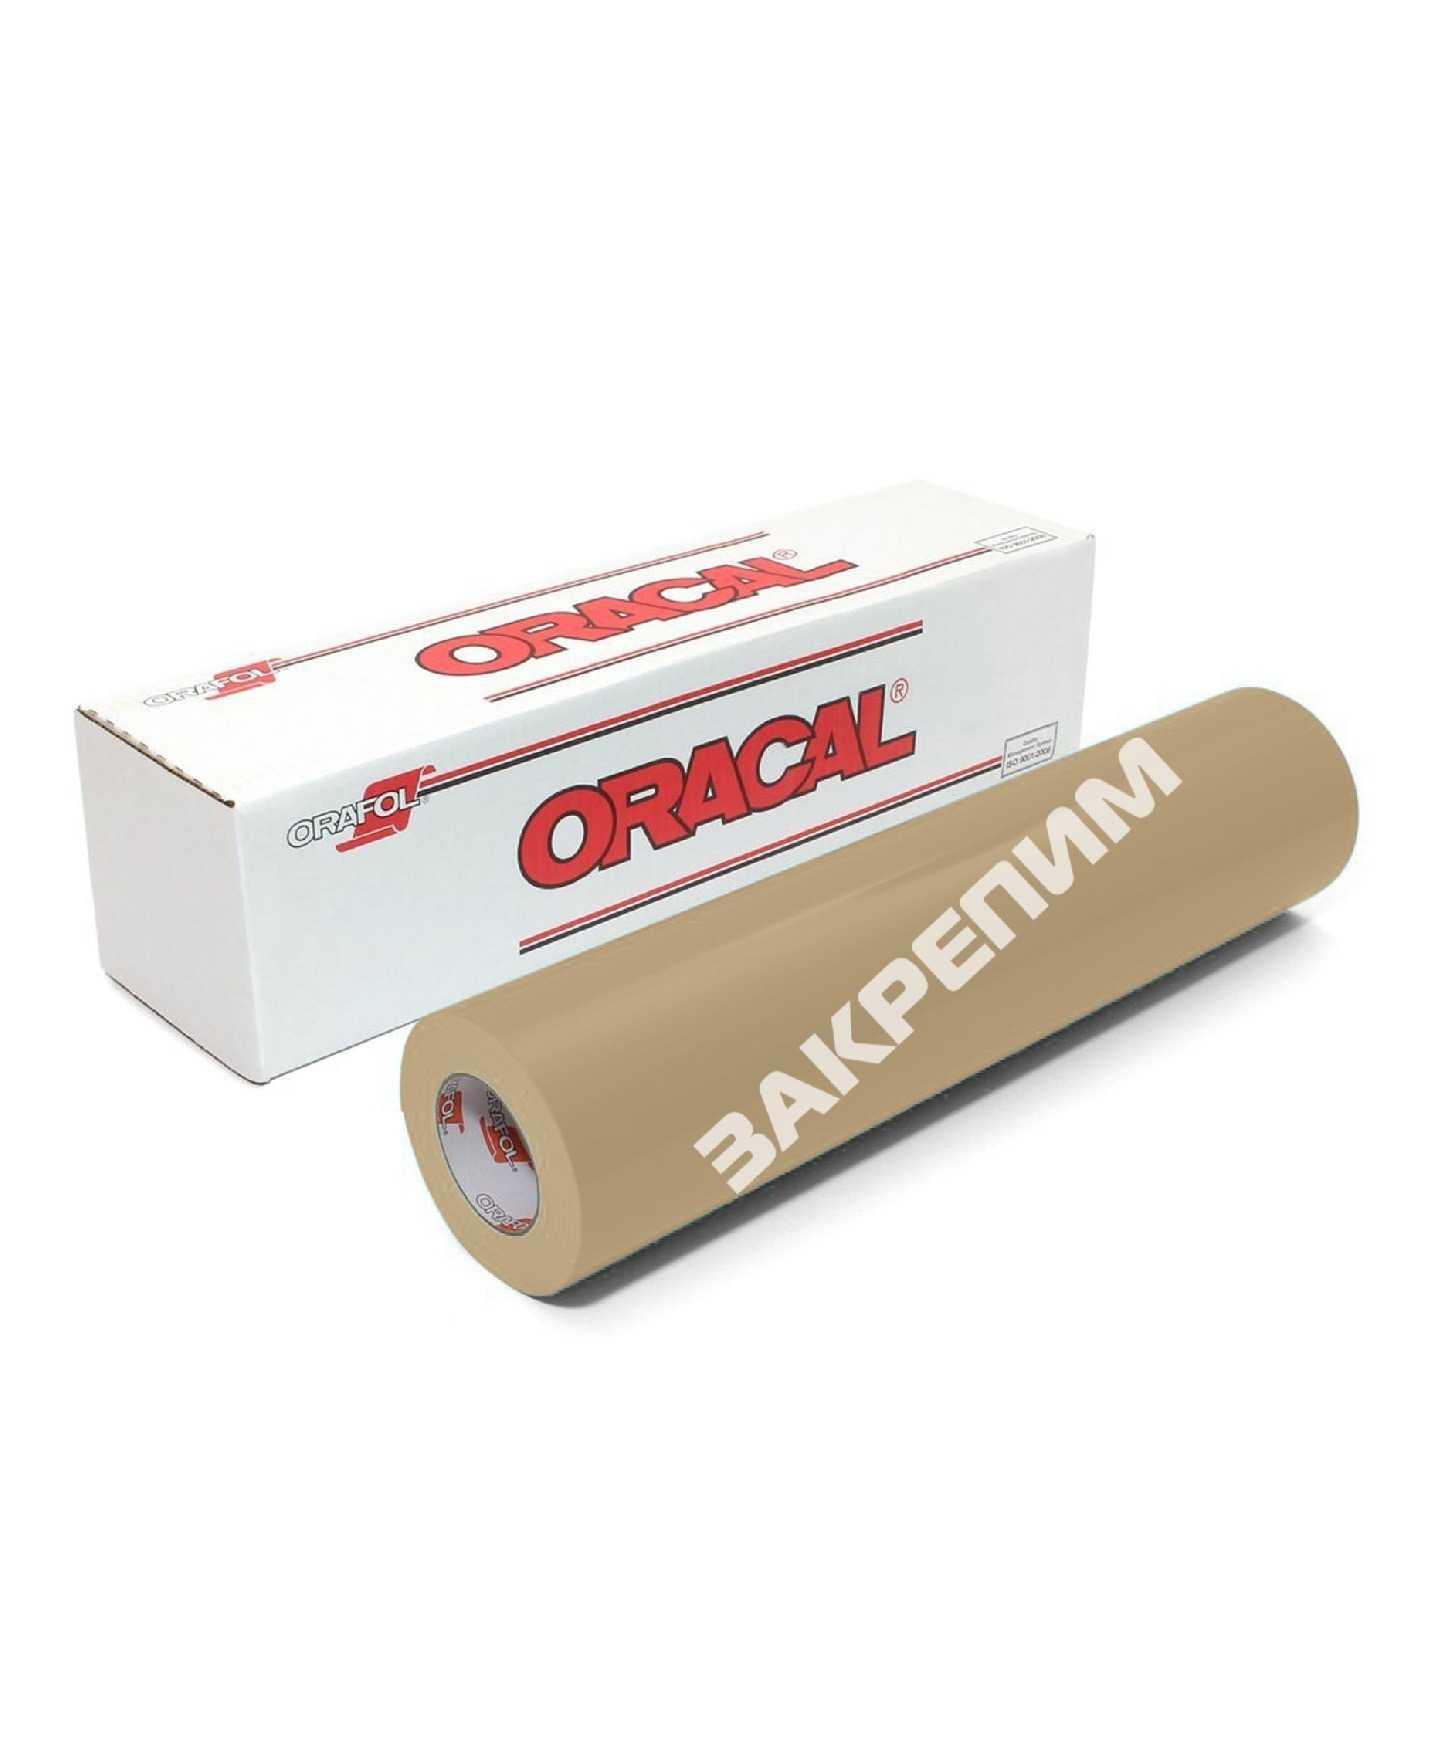 Oracal 8500-805